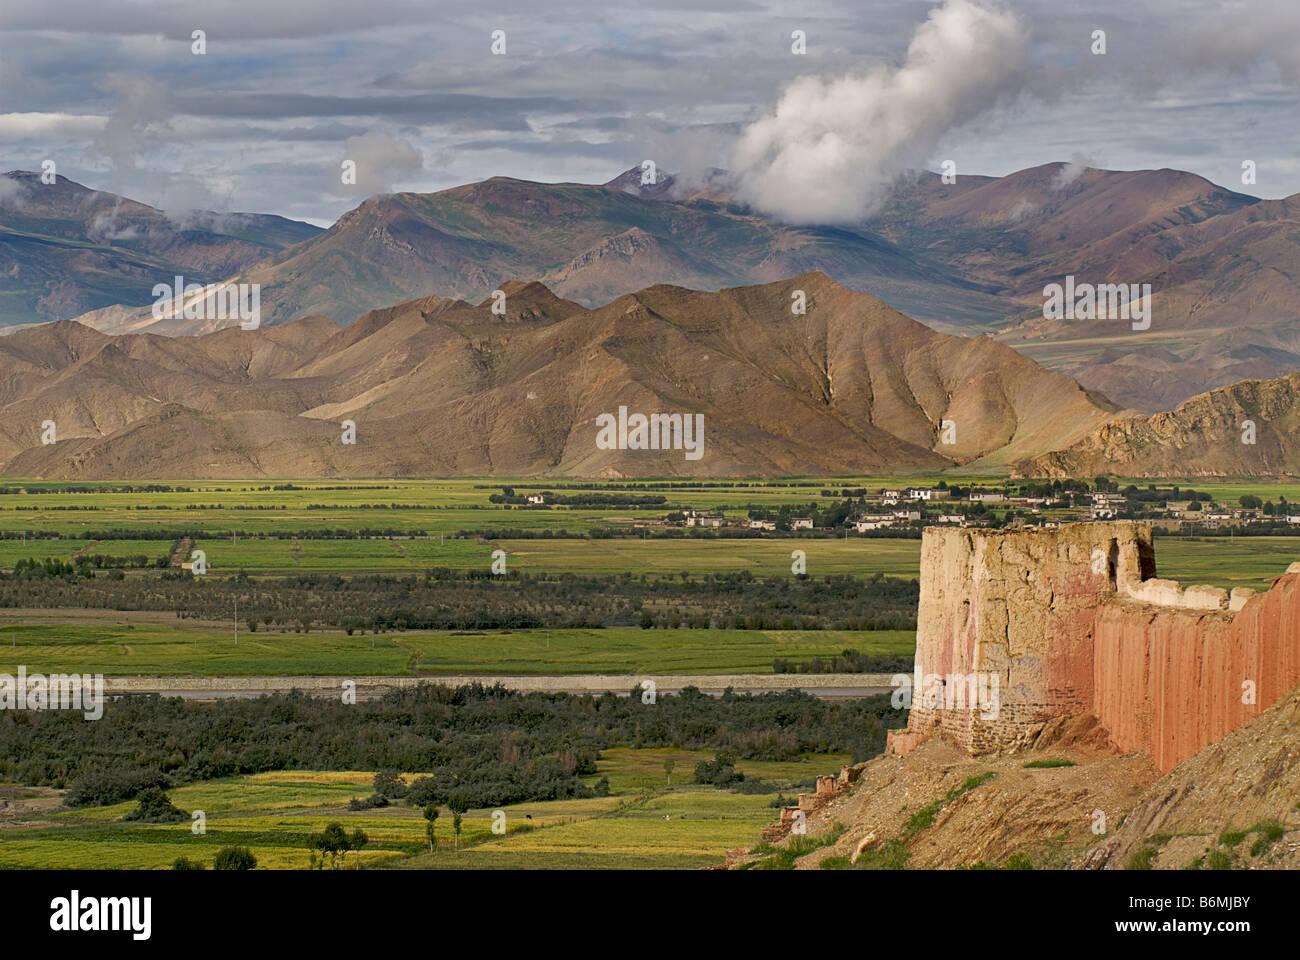 Old city walls of Gyantse, Tibet - Stock Image